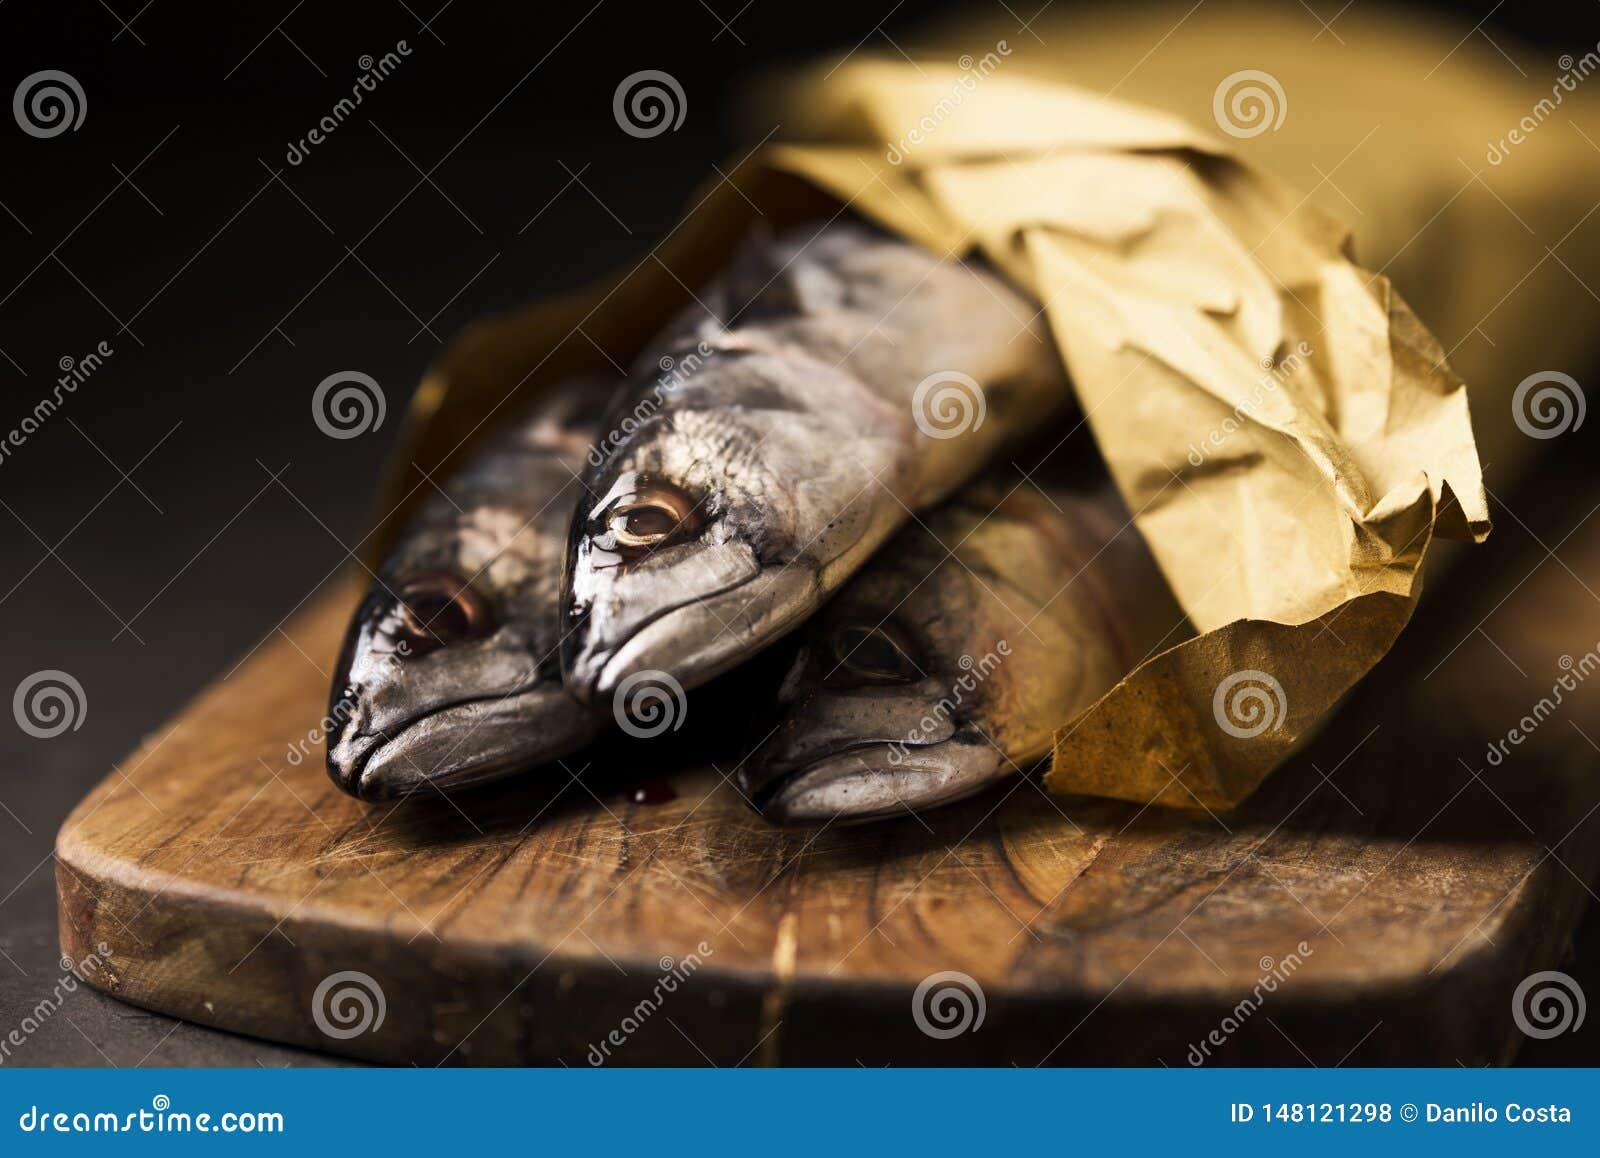 鲭鱼在木切板和板材的鱼鲥鱼